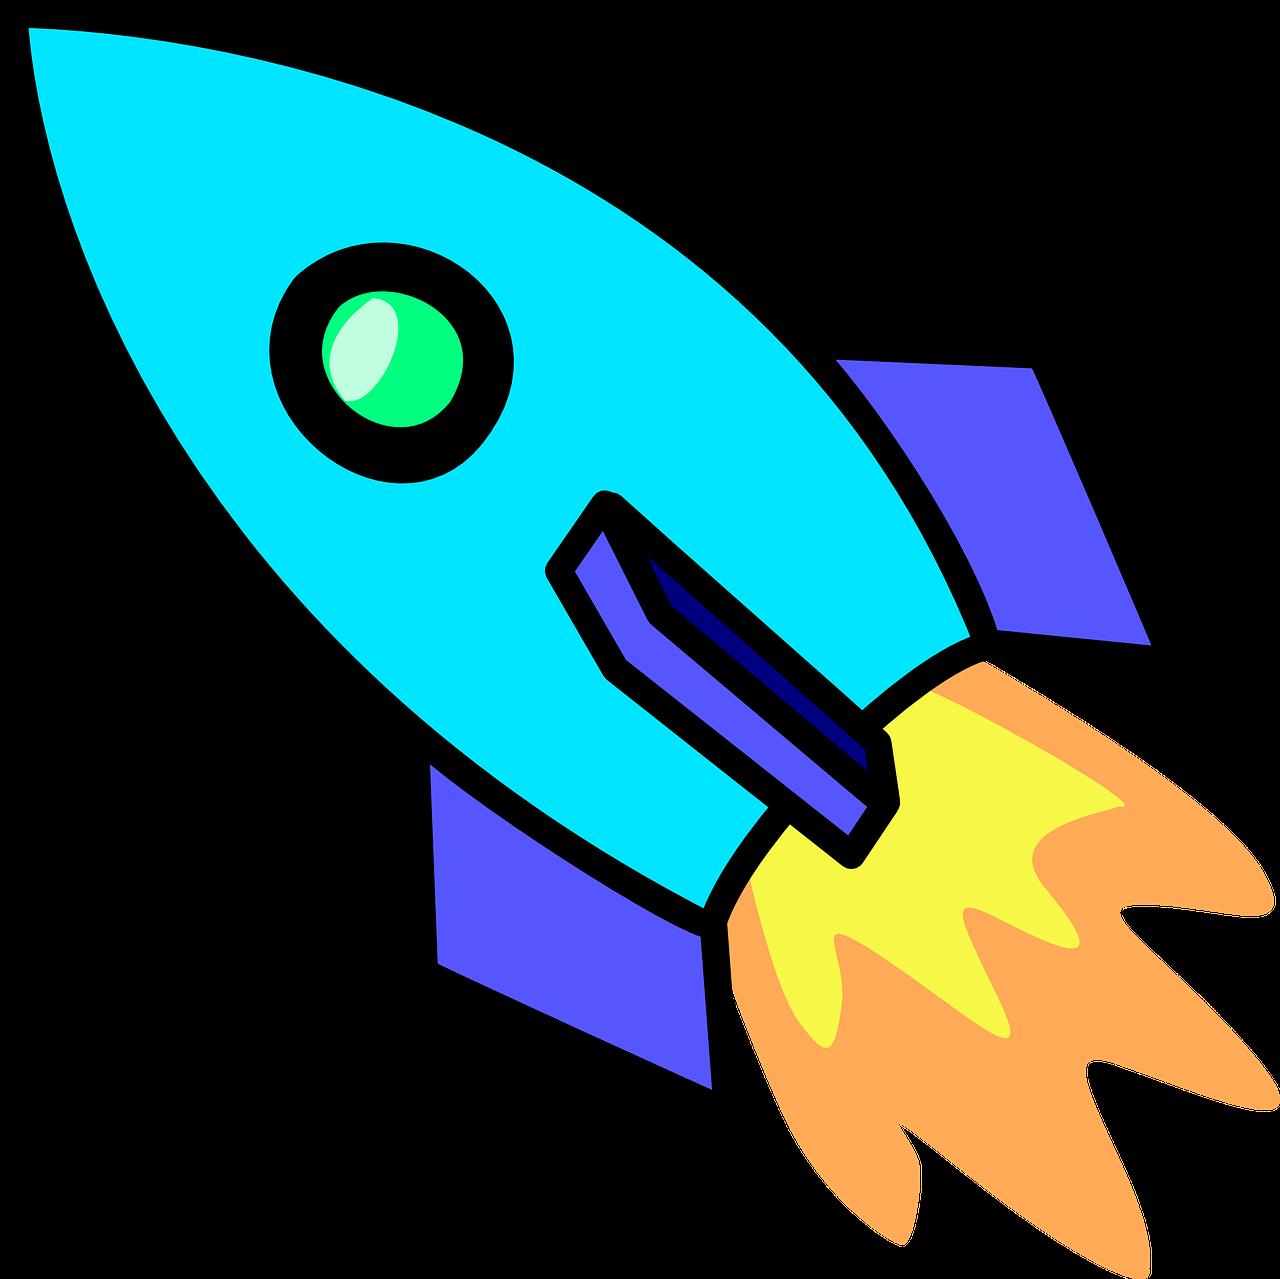 medium resolution of travel rocket propulsion spaceship engine technol travel rocket propulsion